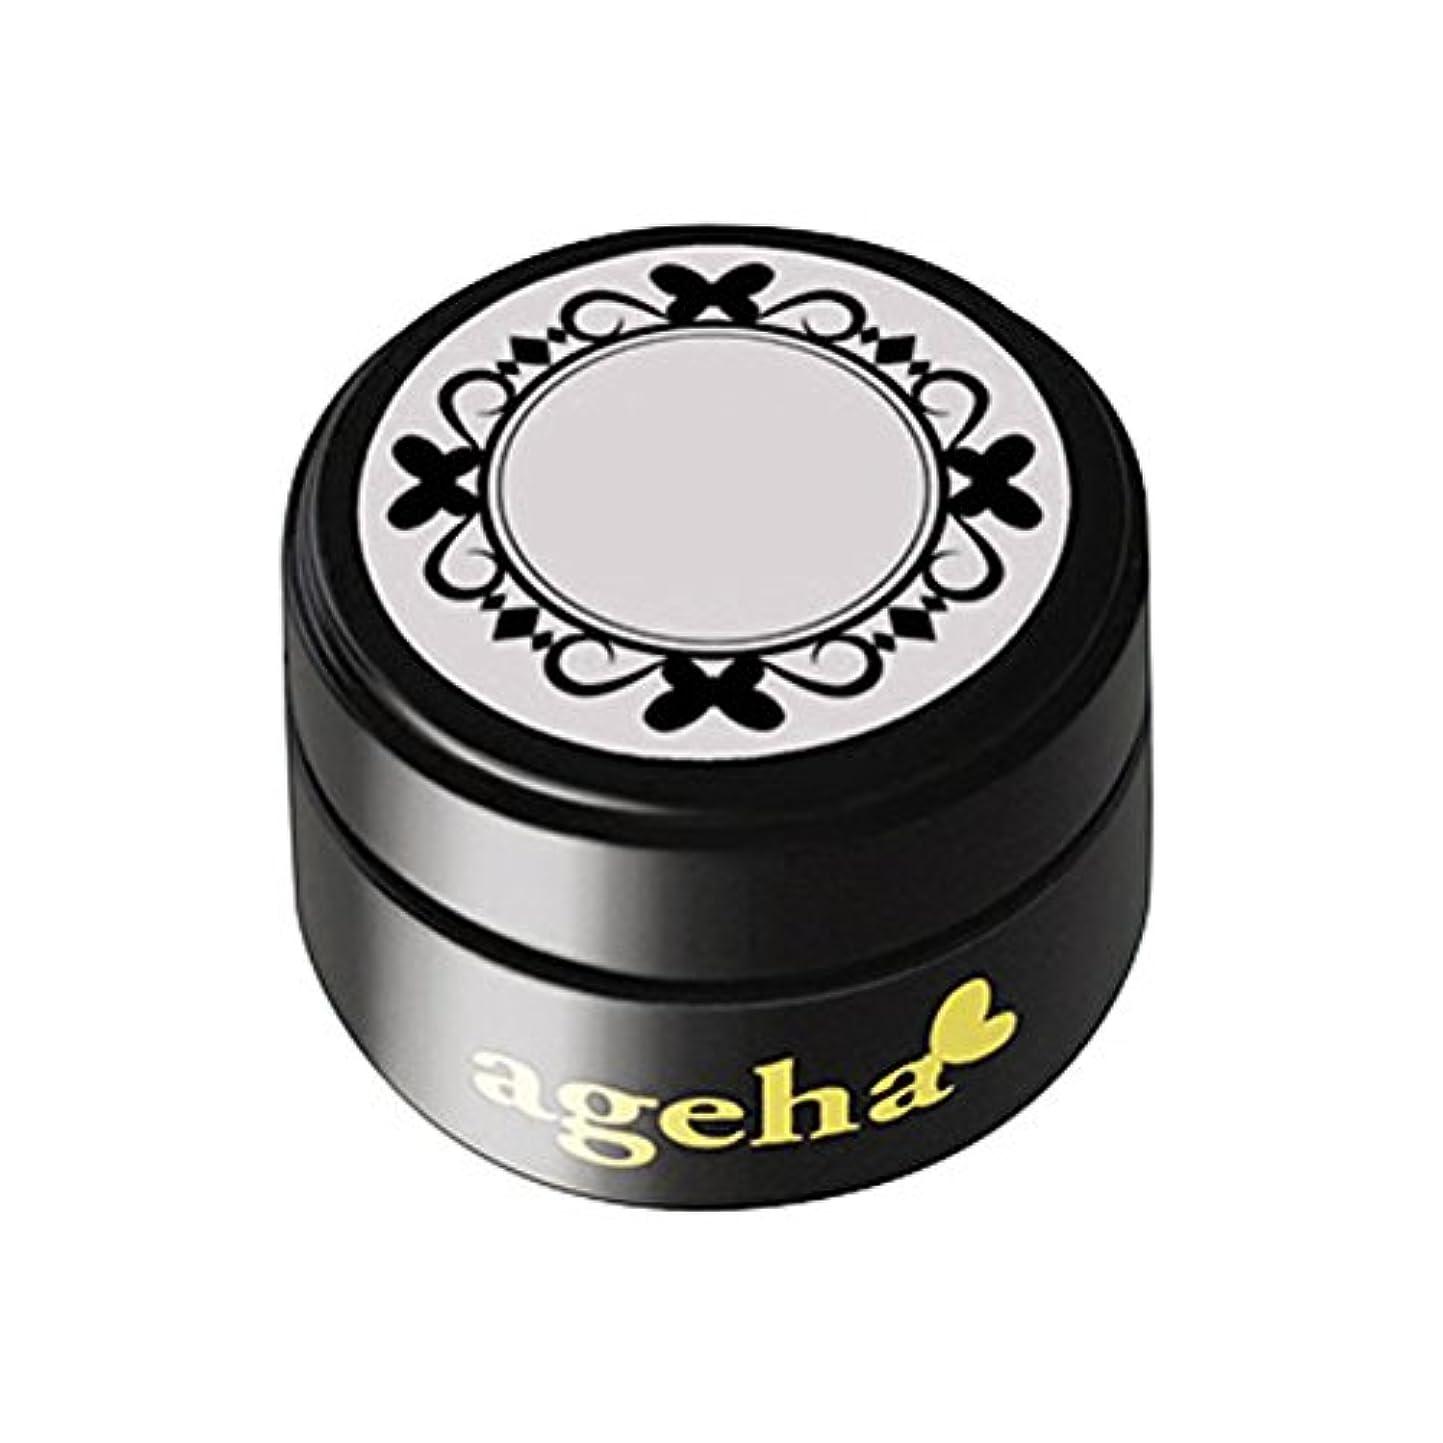 レガシー悲鳴シャンプーageha gel カラージェル コスメカラー 203 ダークブラウン 2.7g UV/LED対応